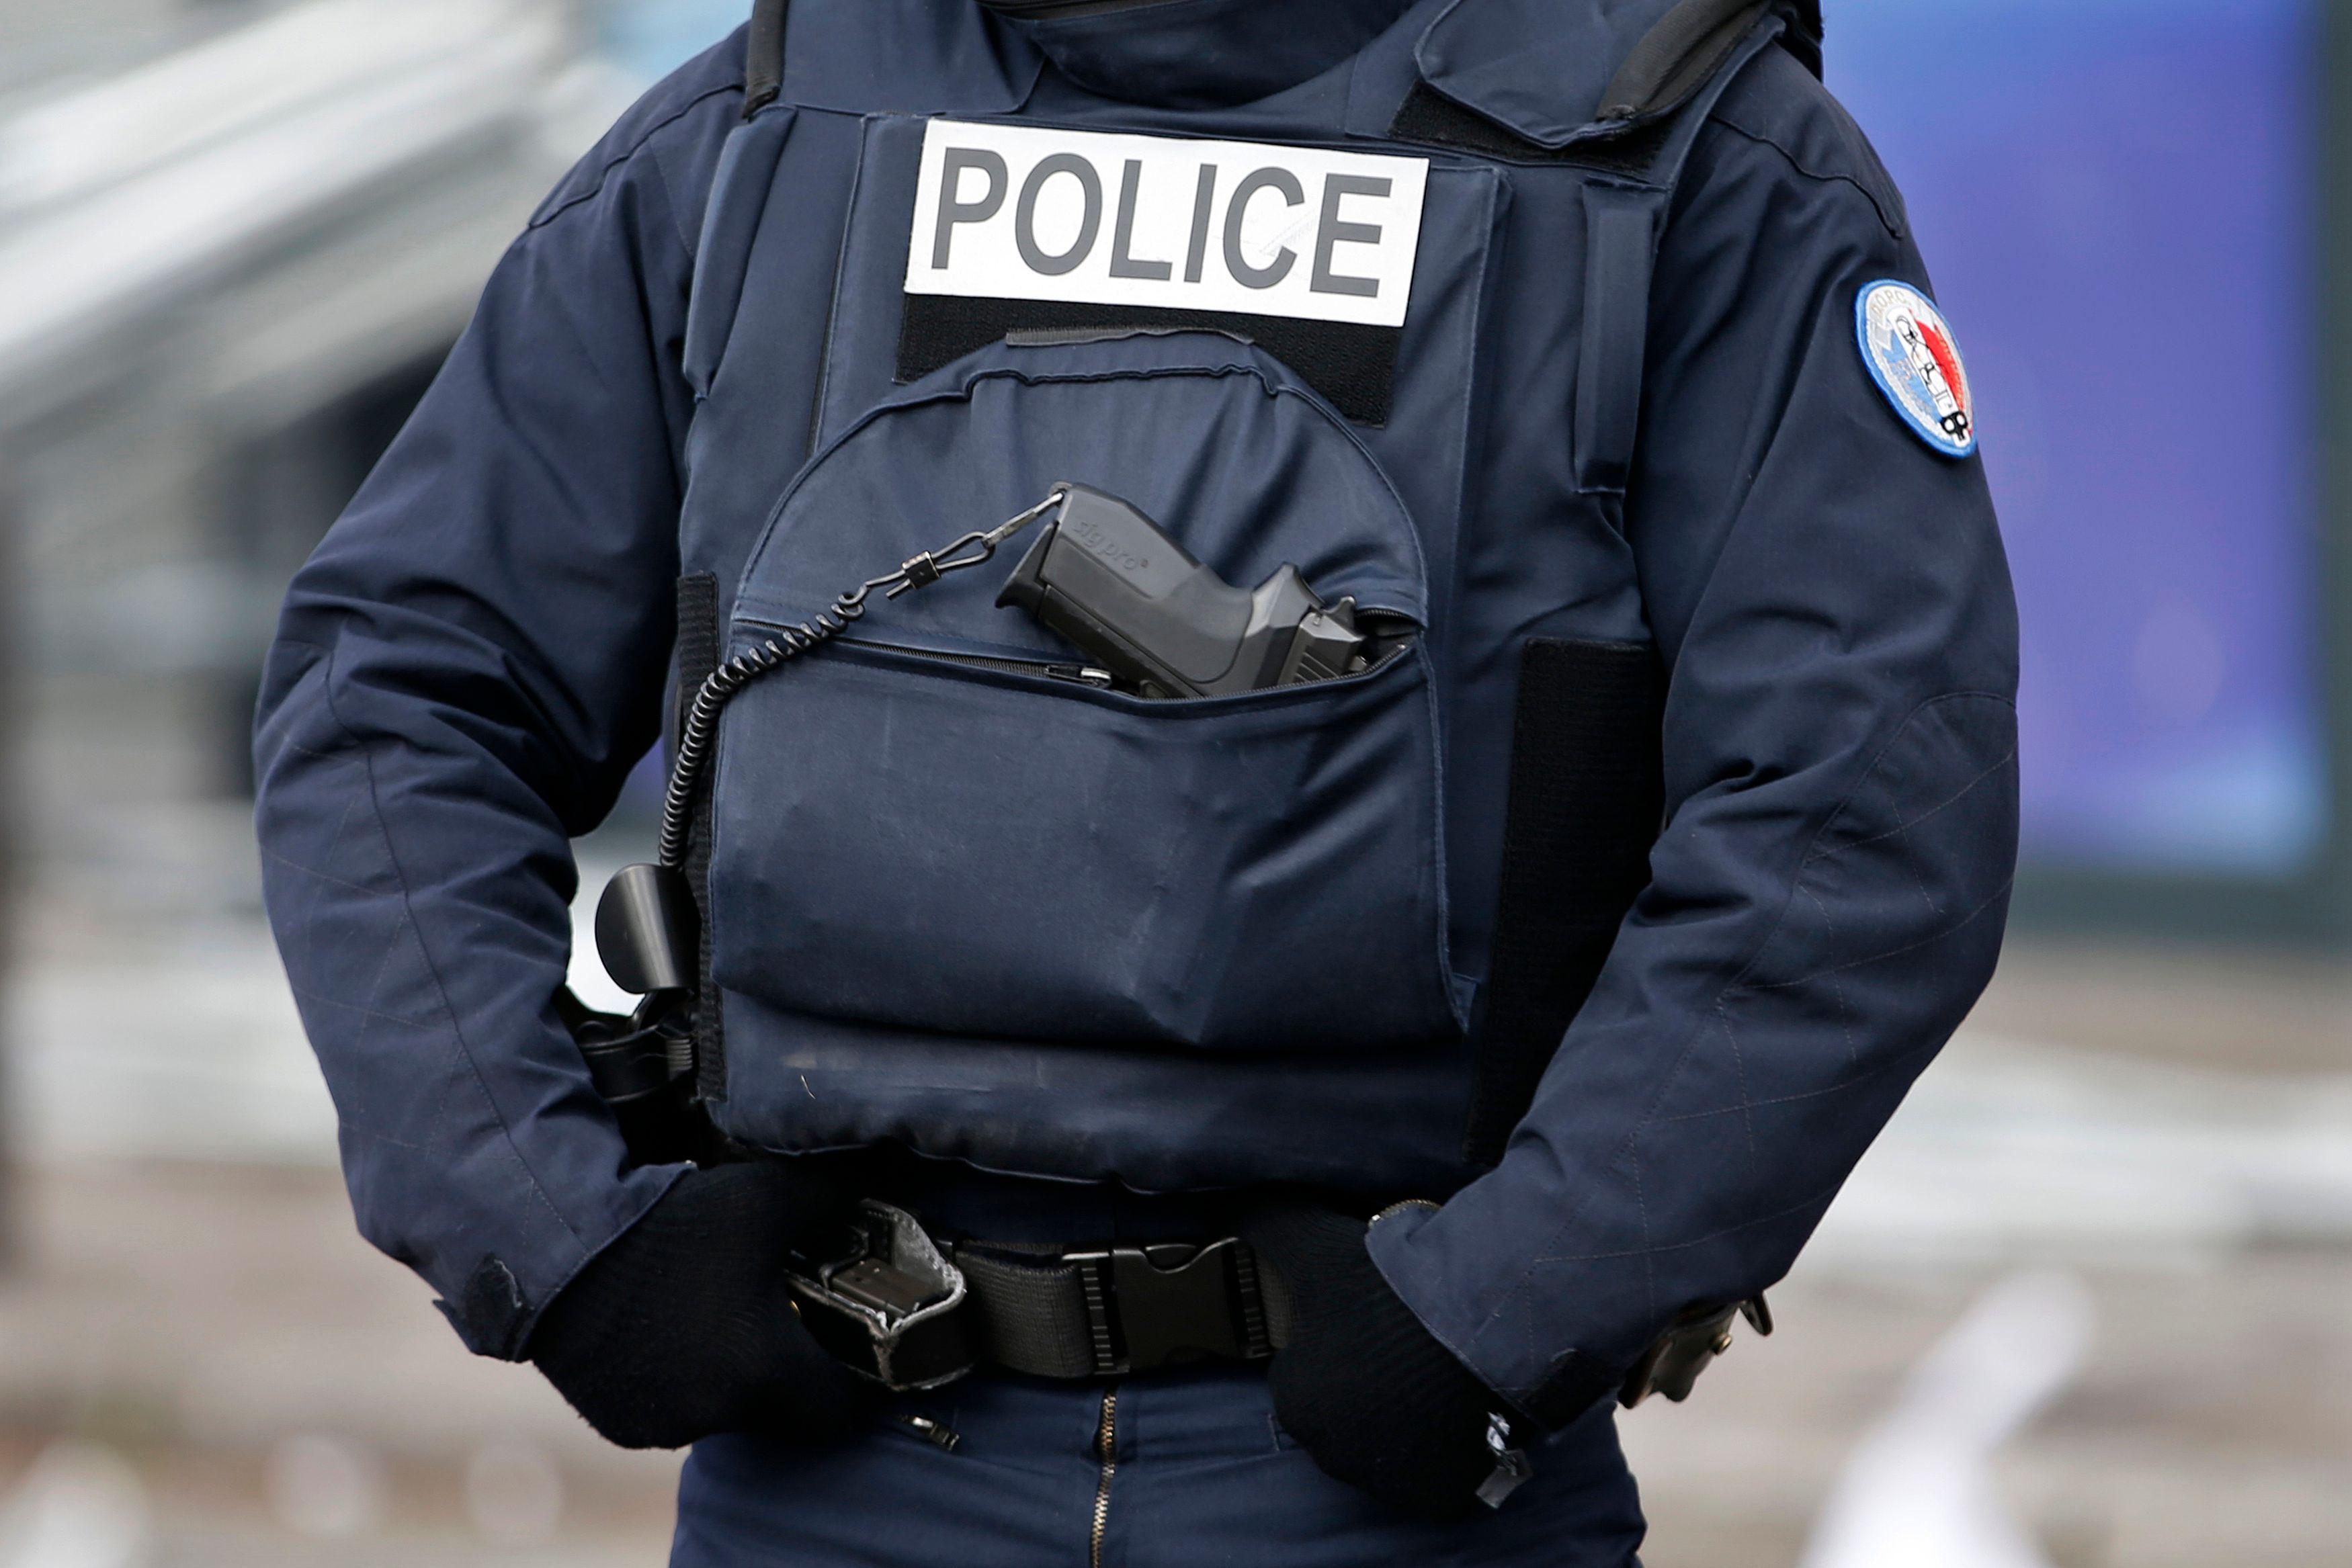 La police française submergée : le syndicat Alliance dénonce l'impayé de 1,3 million d'heures supplémentaires